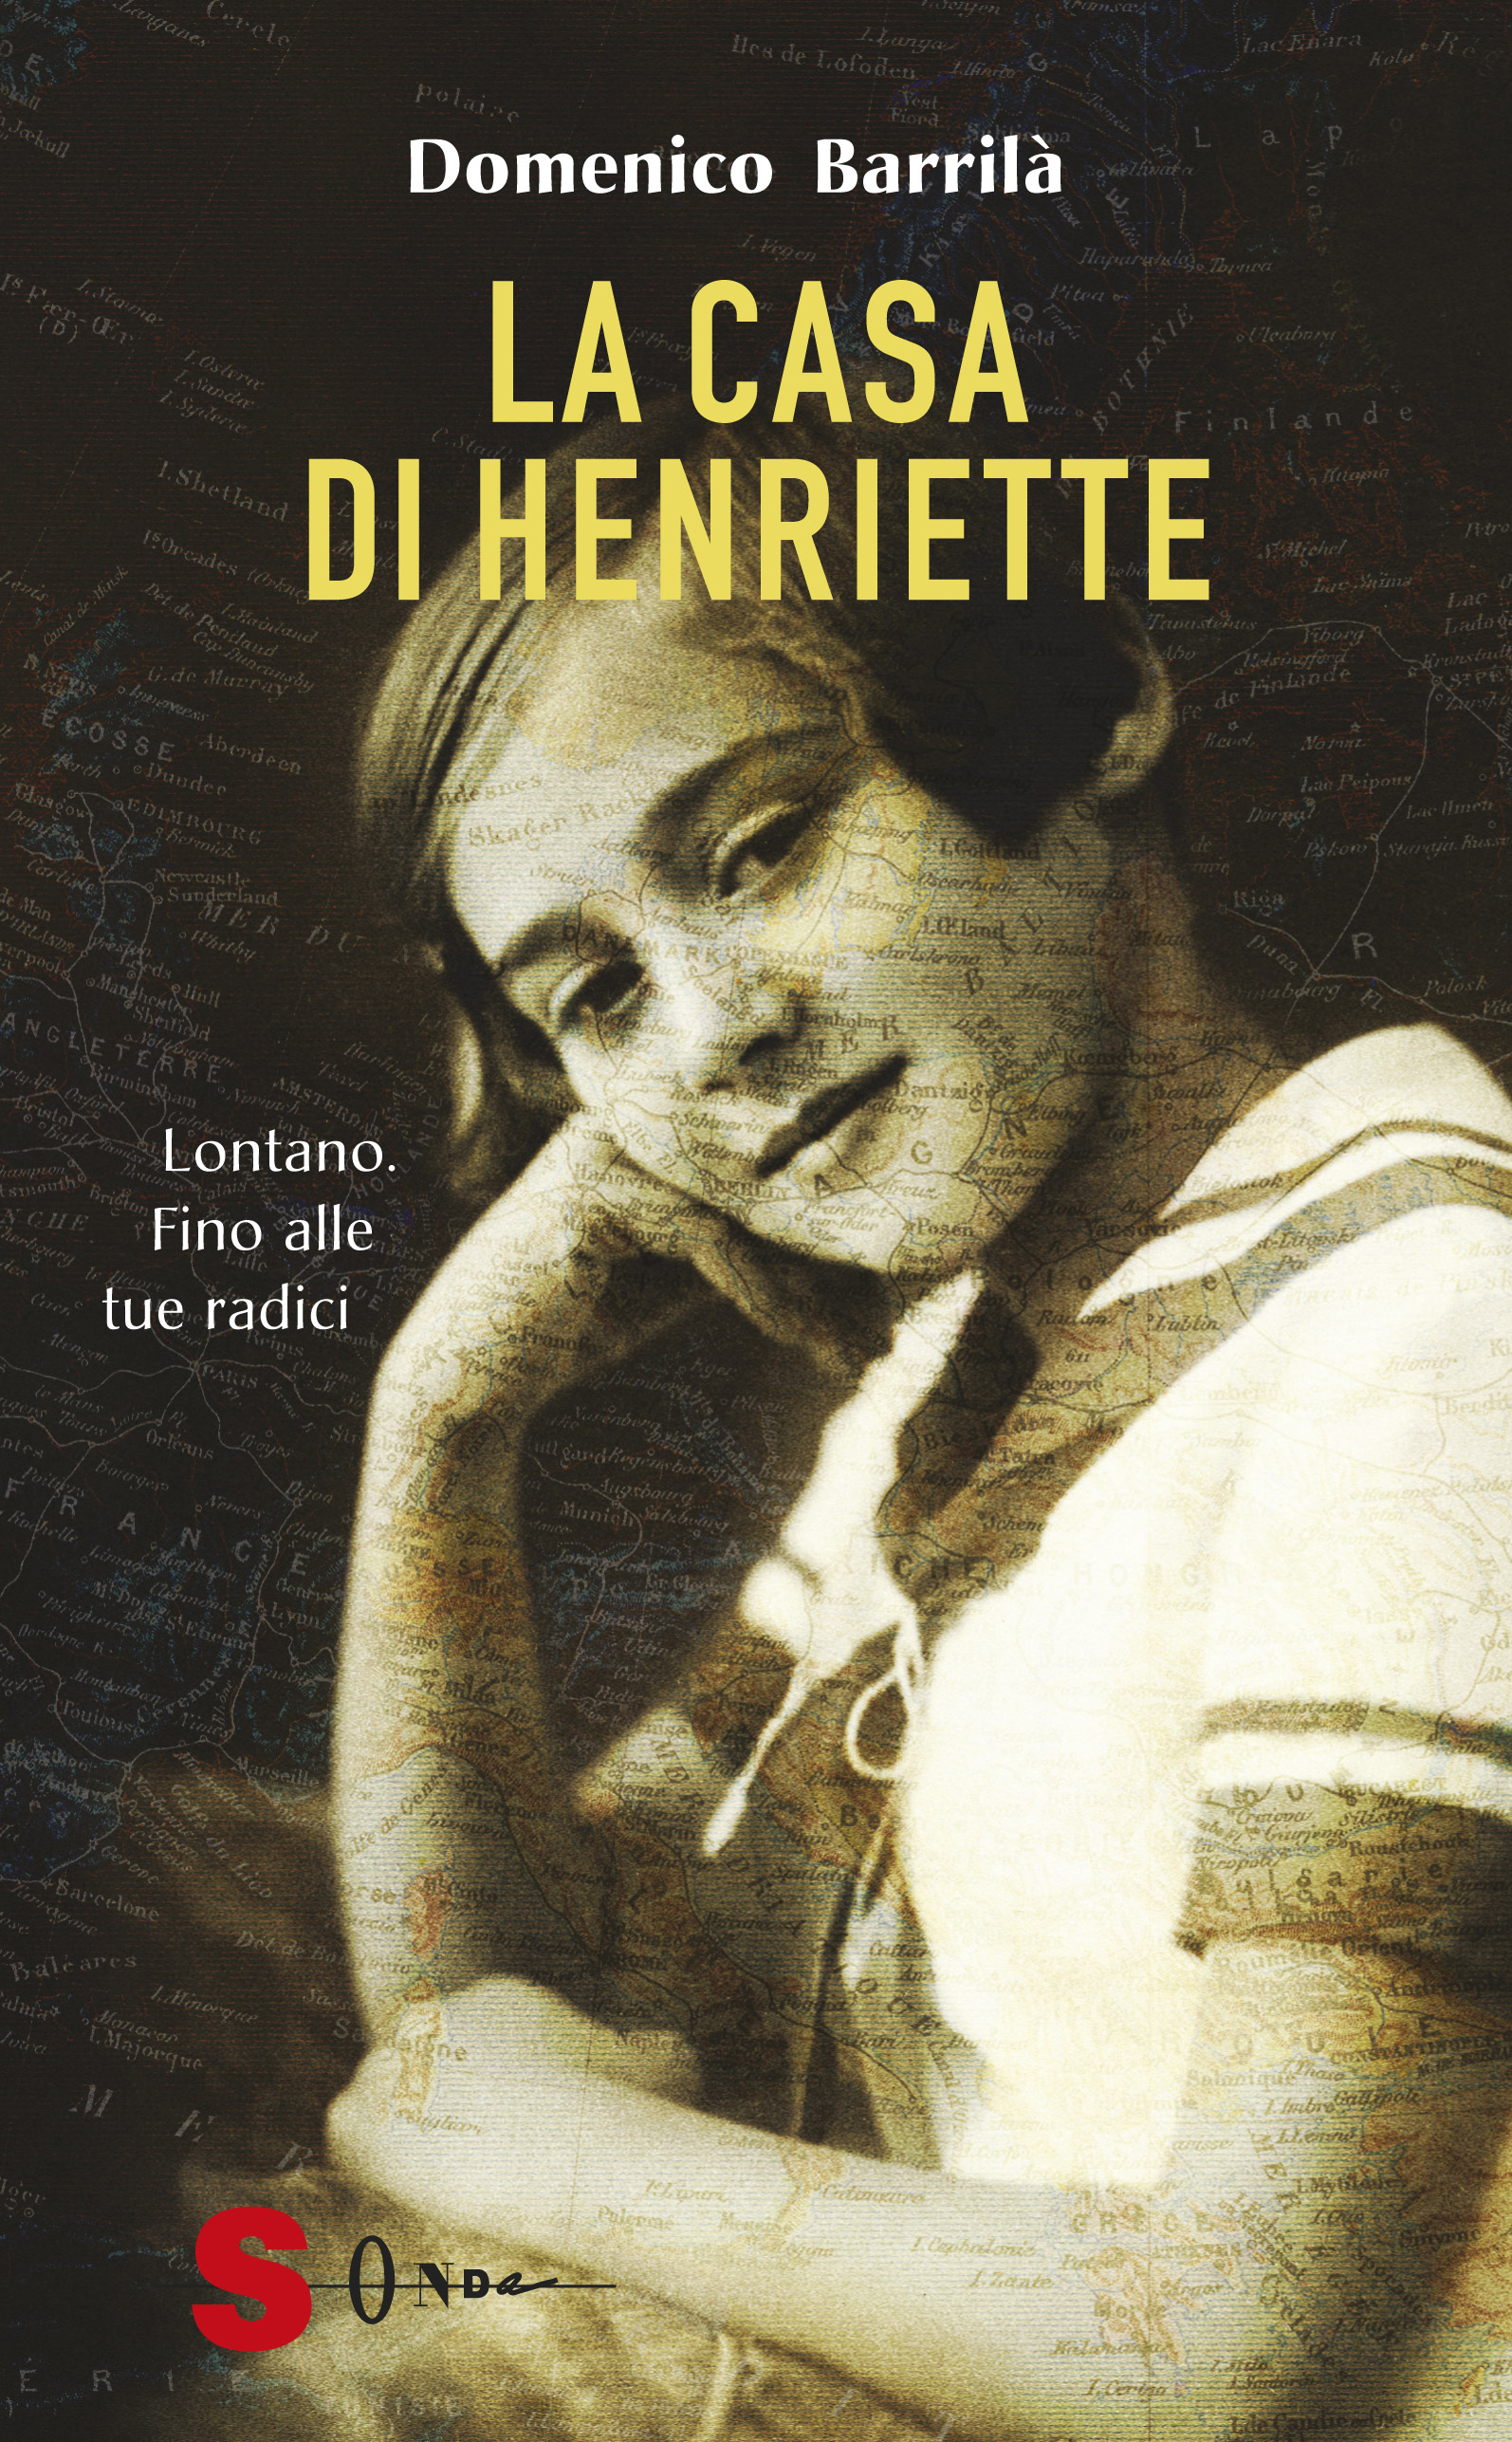 La casa di Henriette (The House of Henriette)